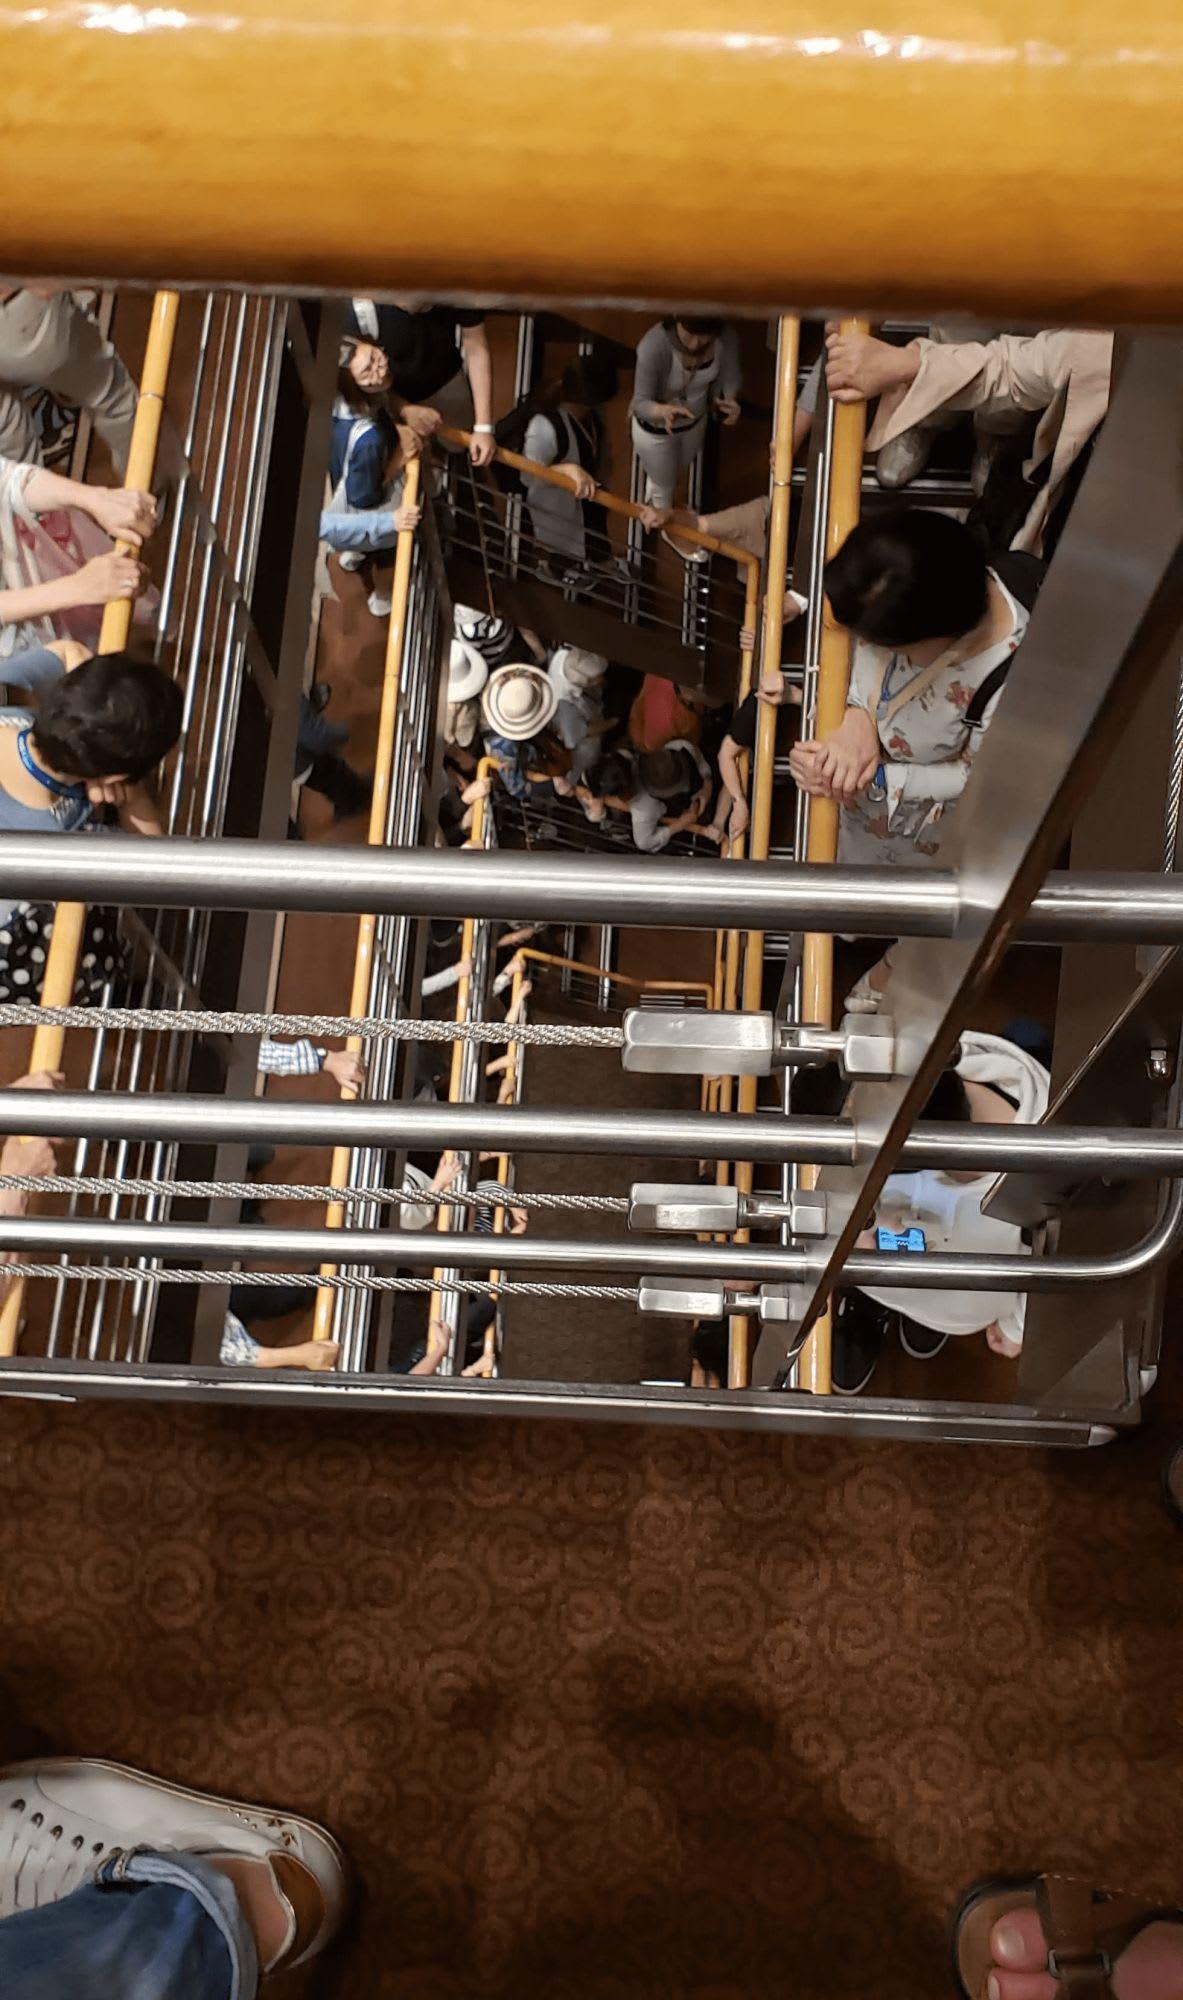 下の階も見る限りに行列が続く